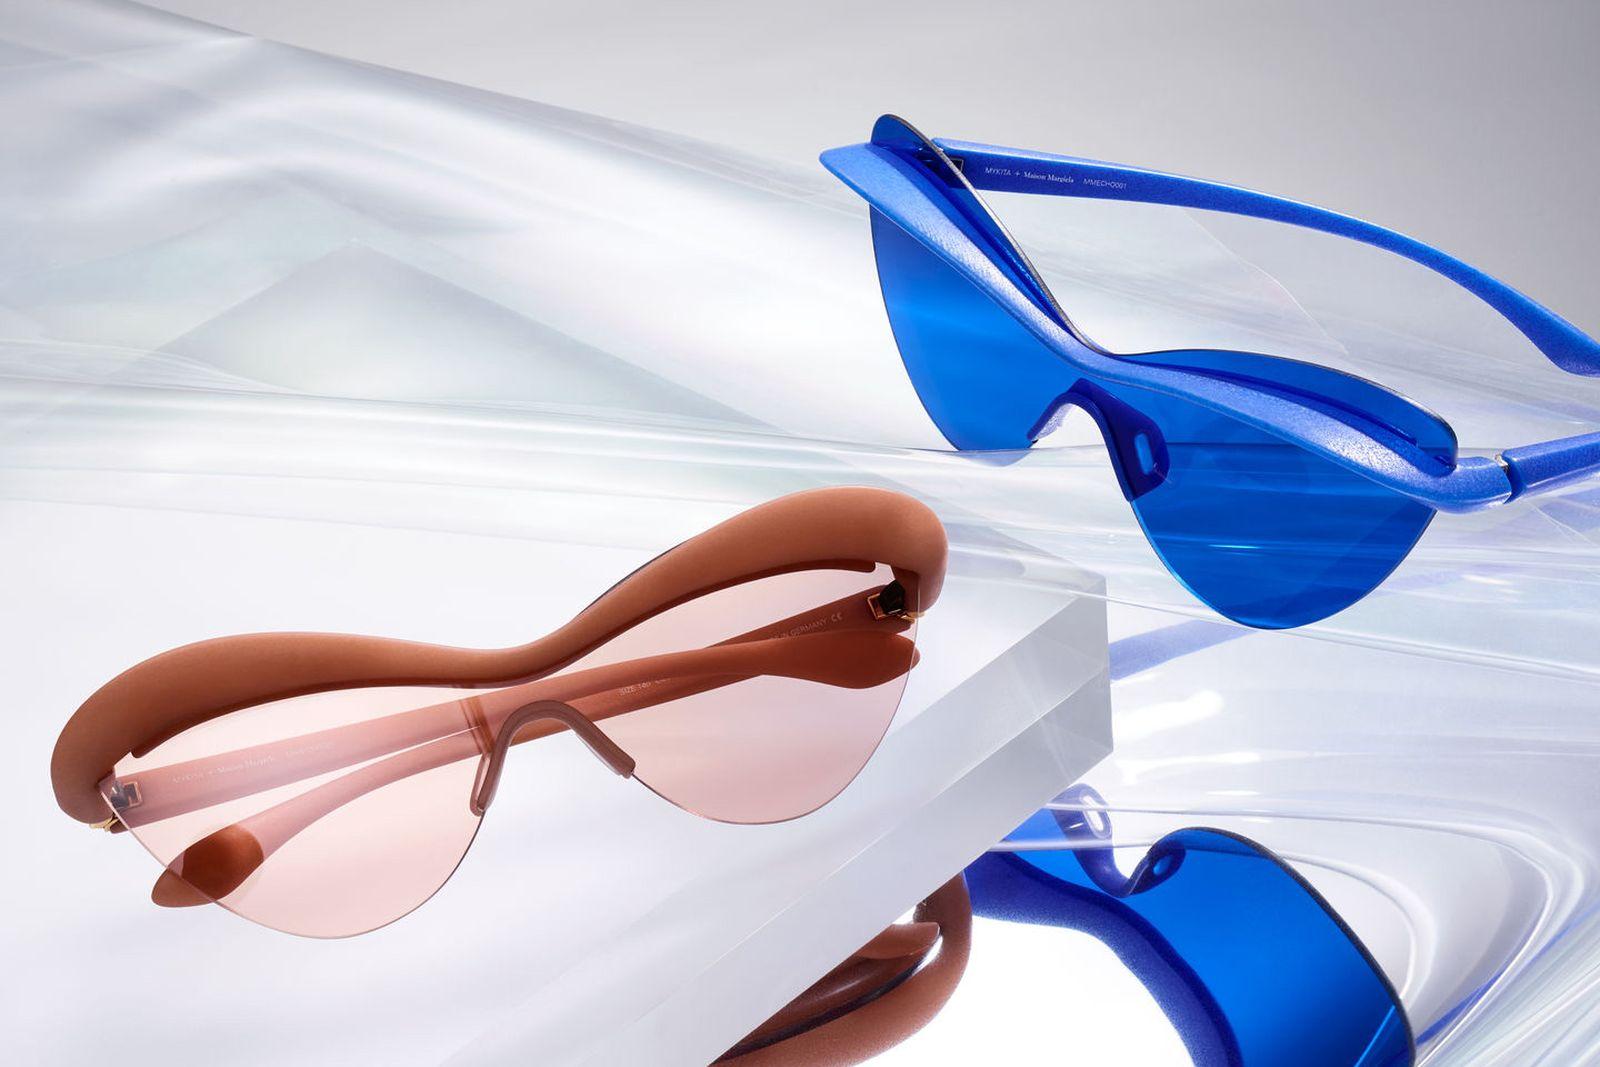 maison-margiela-mykita-eyewear-03